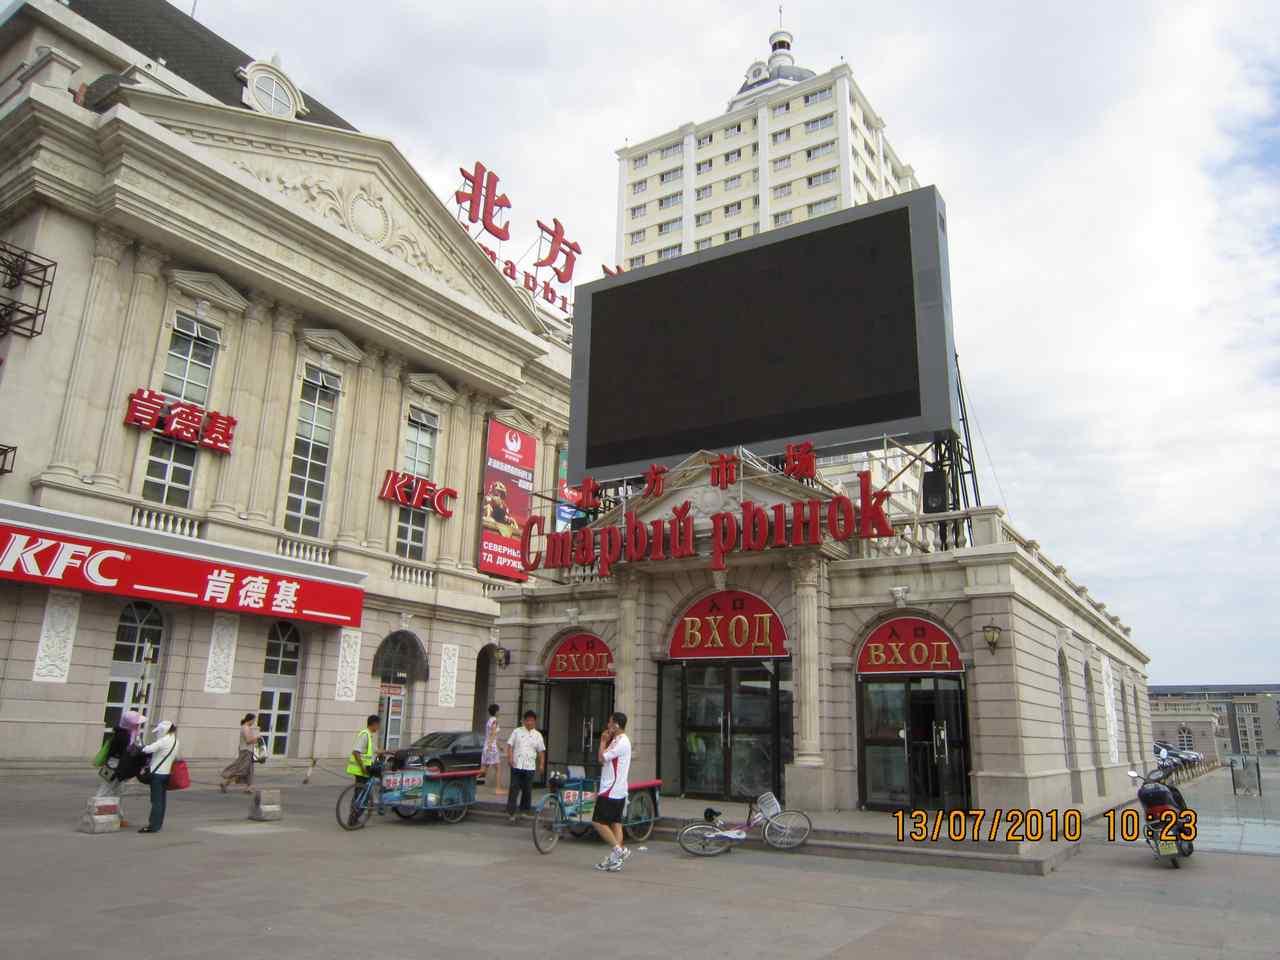 Авиабилеты Маньчжурия Пекин дешевые от 5 936 рублей цены